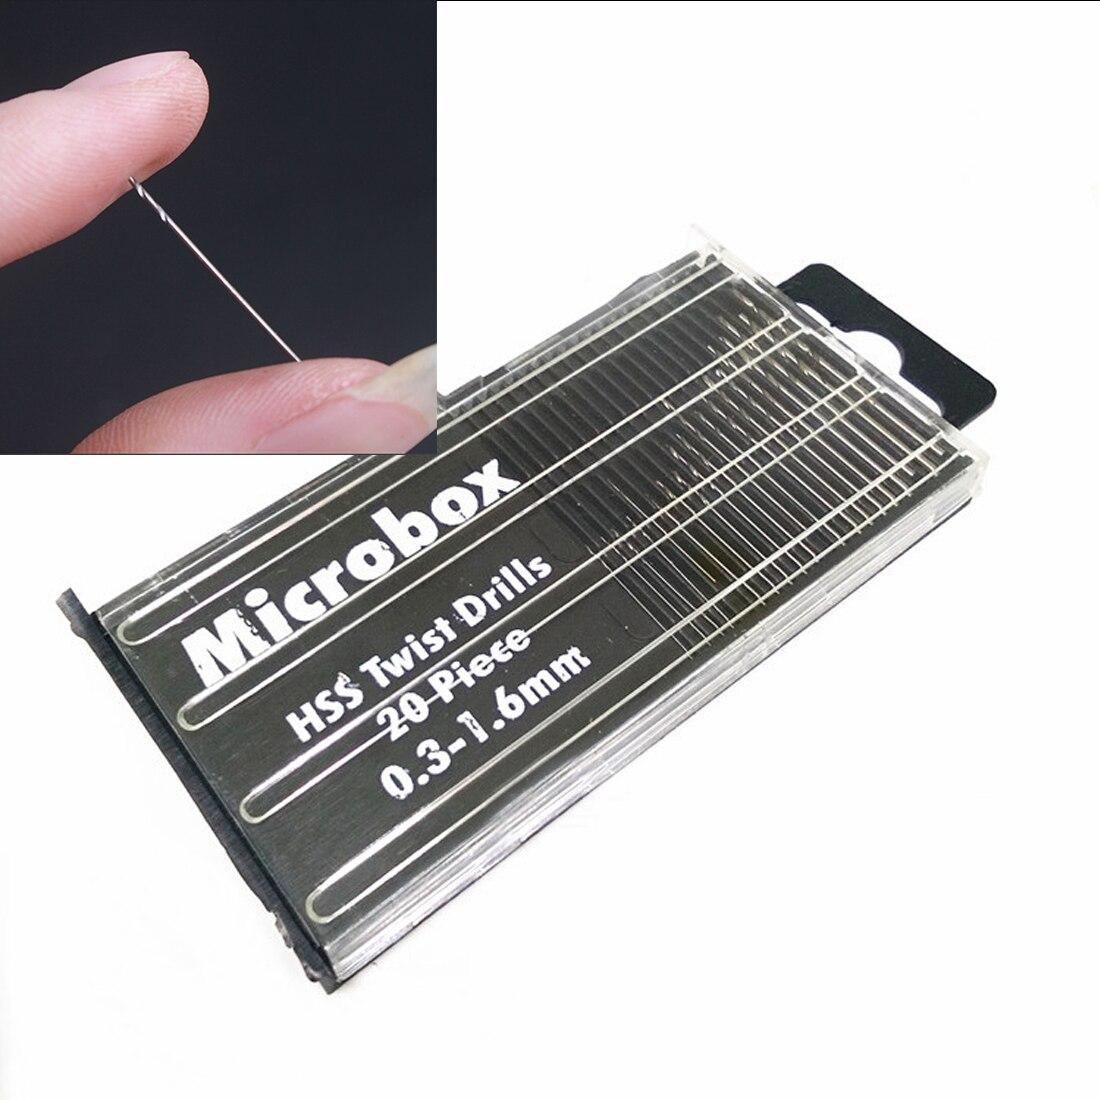 20pcs Mini Drill Bit Set HSS Micro Twist Drill Bit Set 0.3mm-1.6mm Model Craft With Case Repair Tools Tiny Micro Twist Drill Bit